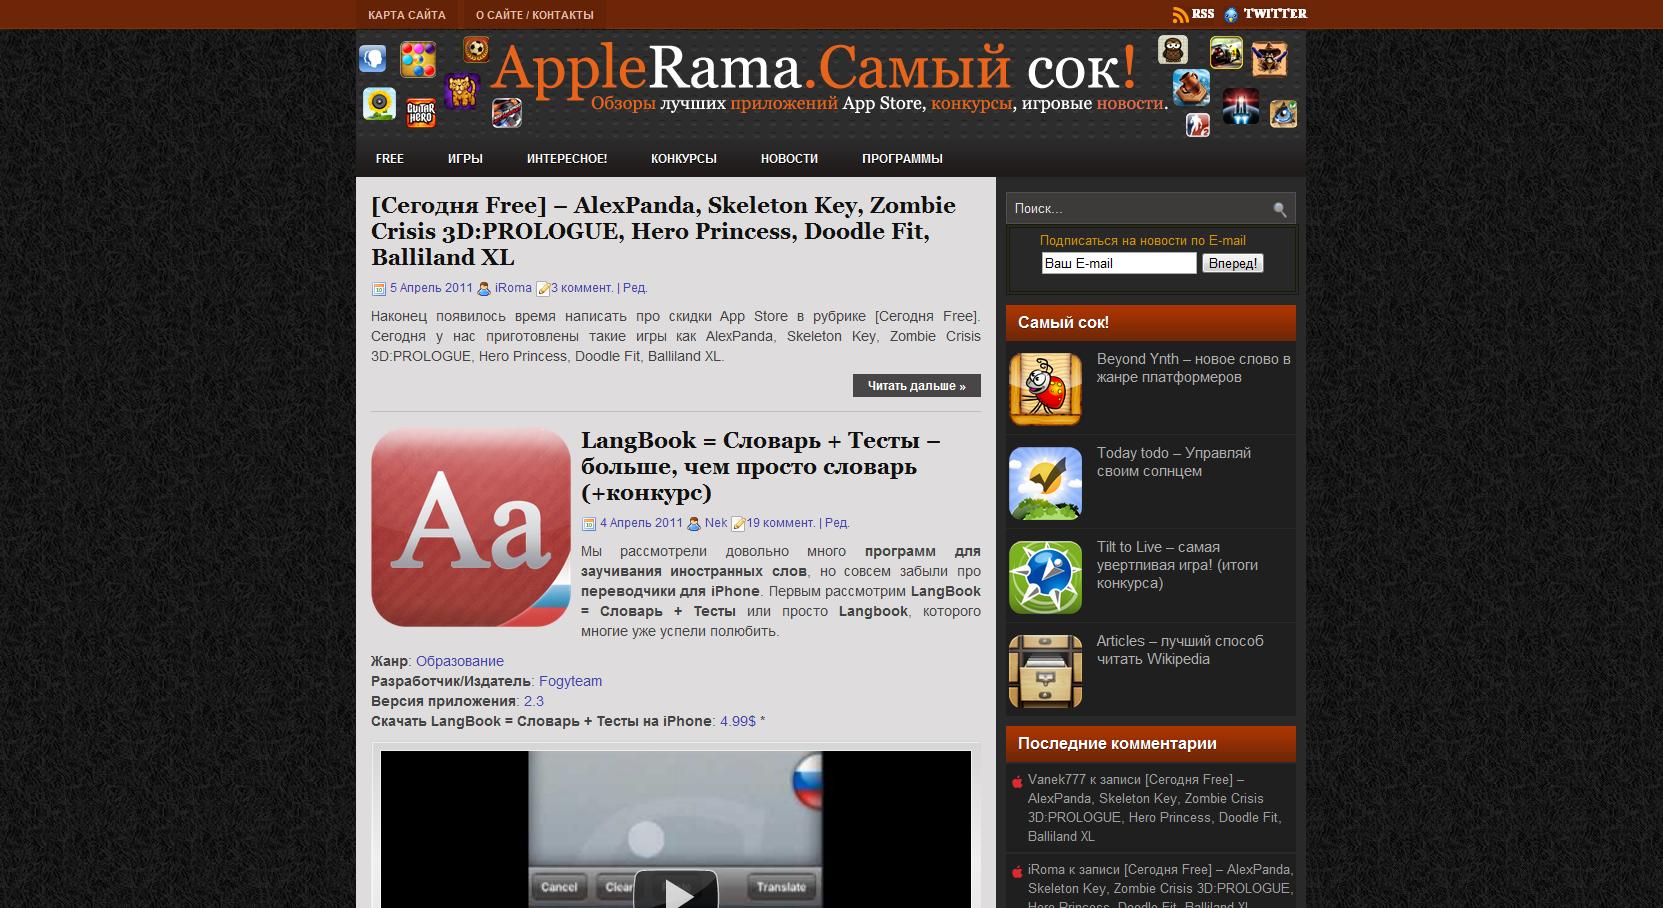 AppleRama   n-wp.ru